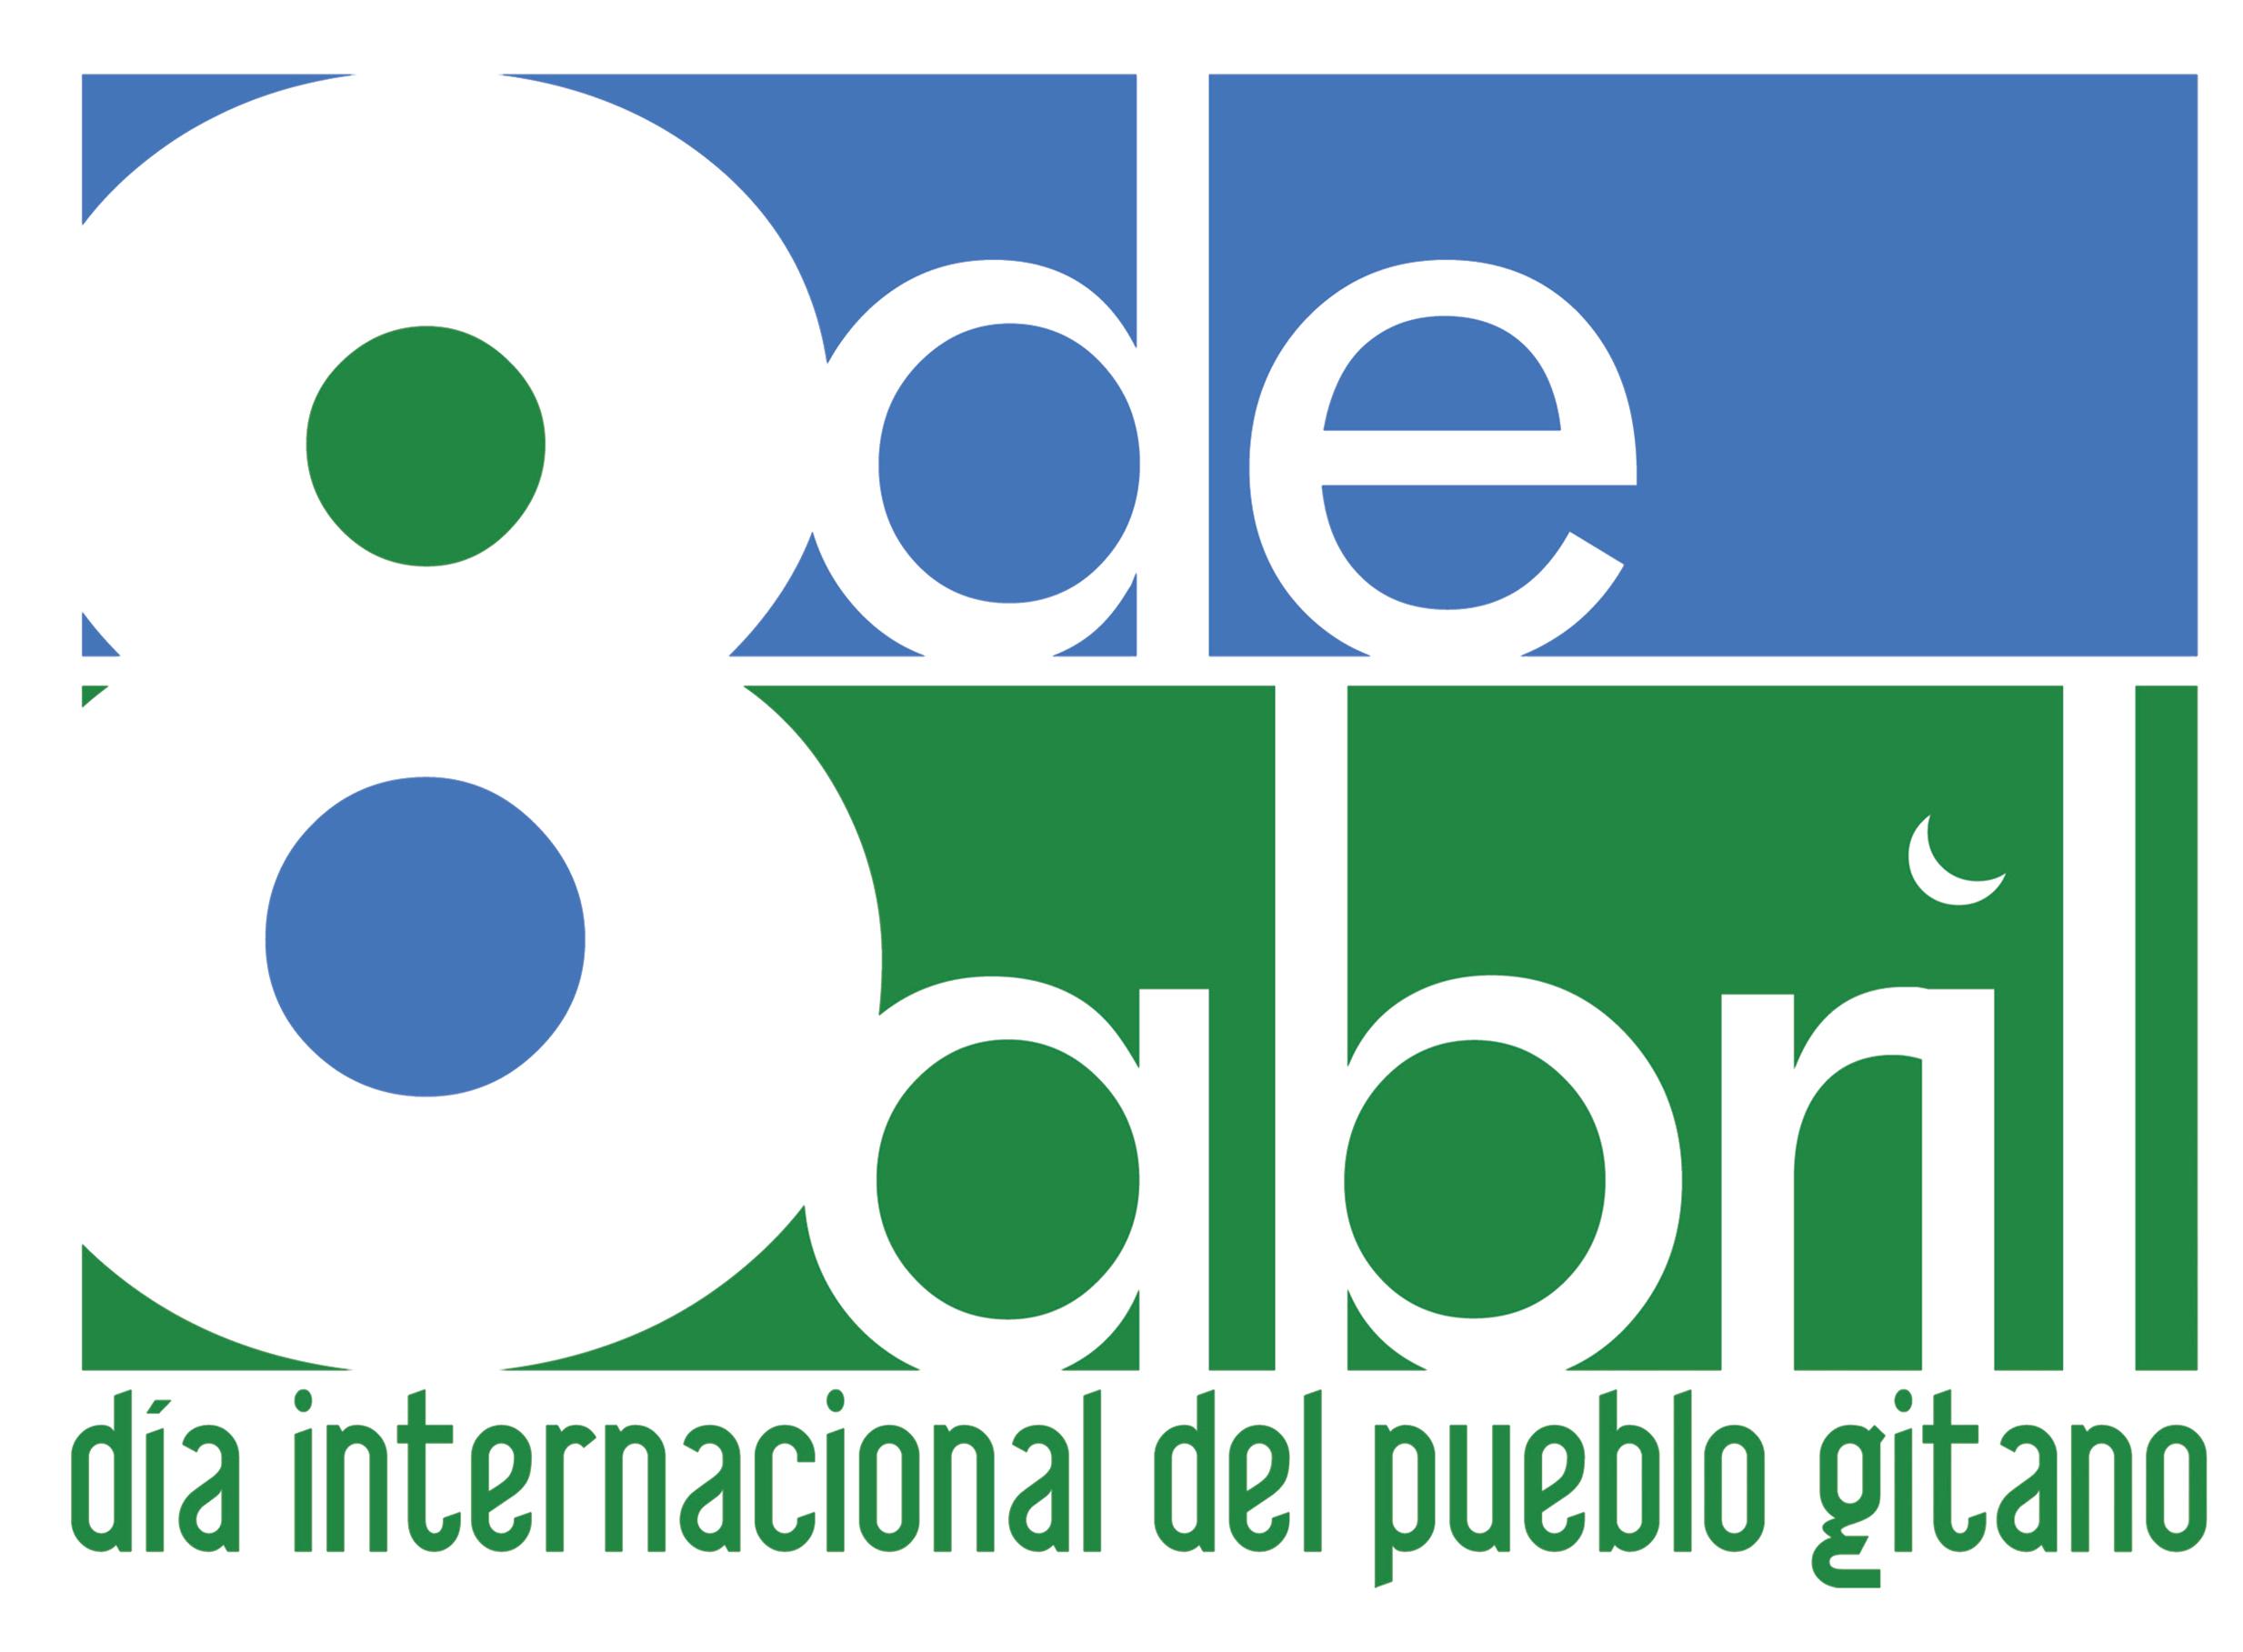 e84612624e18 La bandera gitana  Logotipo 8 de abril Logotipo 8 de abril ...